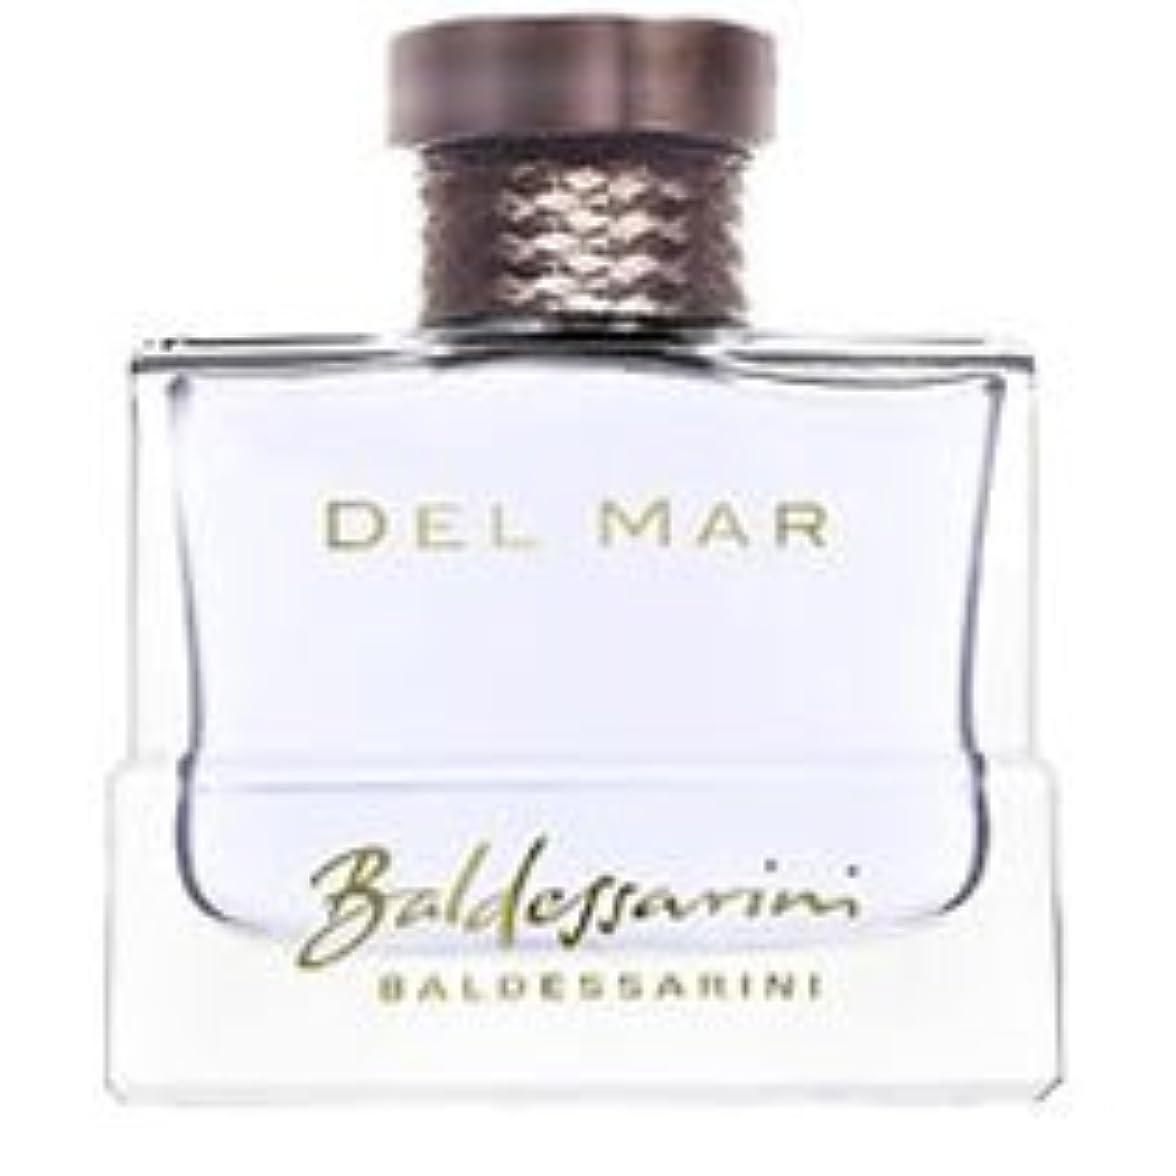 交流する迫害する構造的Baldessarini Del Mar (バルデサリー二デルマー) 1.6 oz (50ml) EDT Spray by Hugo Boss for Men